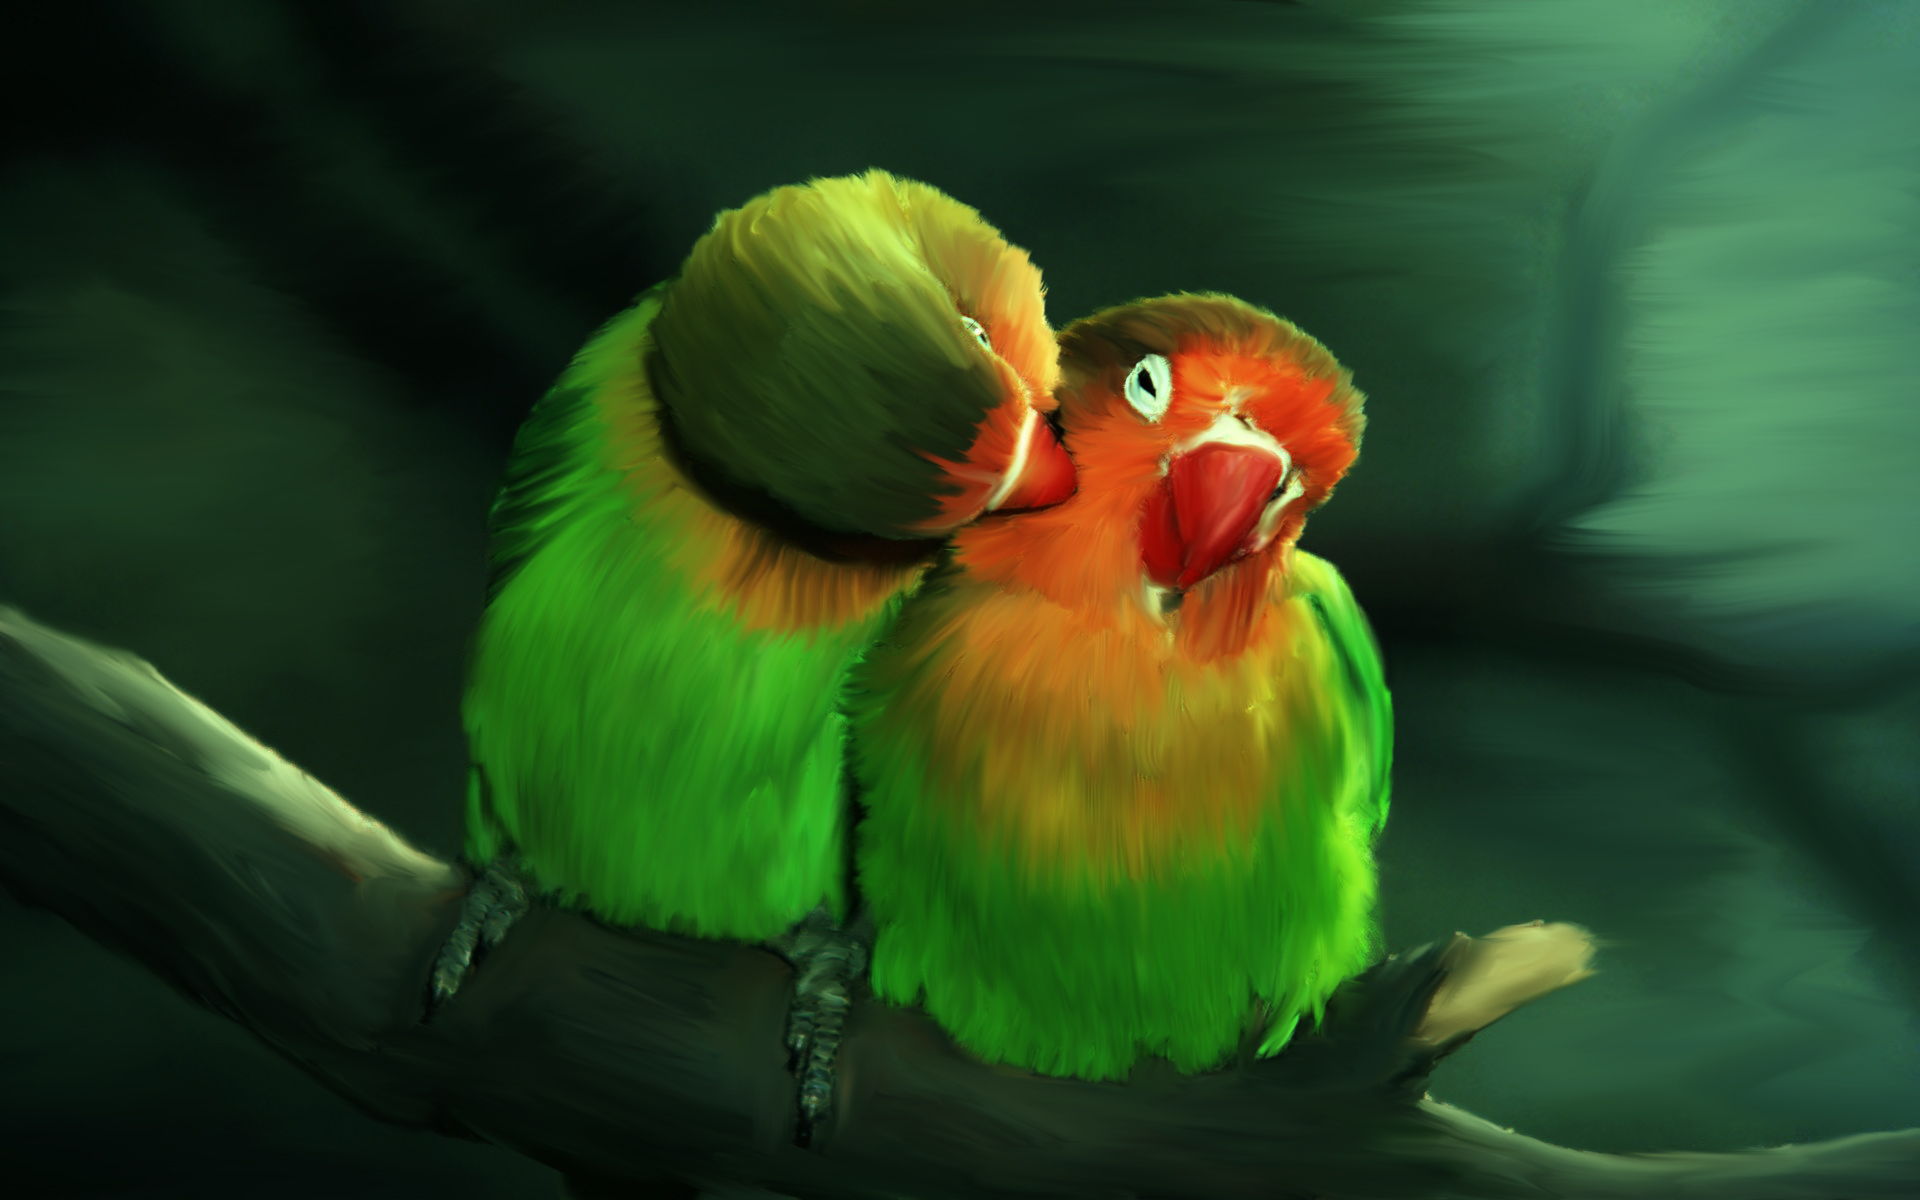 8k Animal Wallpaper Download: 18 Beautiful Birds Desktop Wallpapers